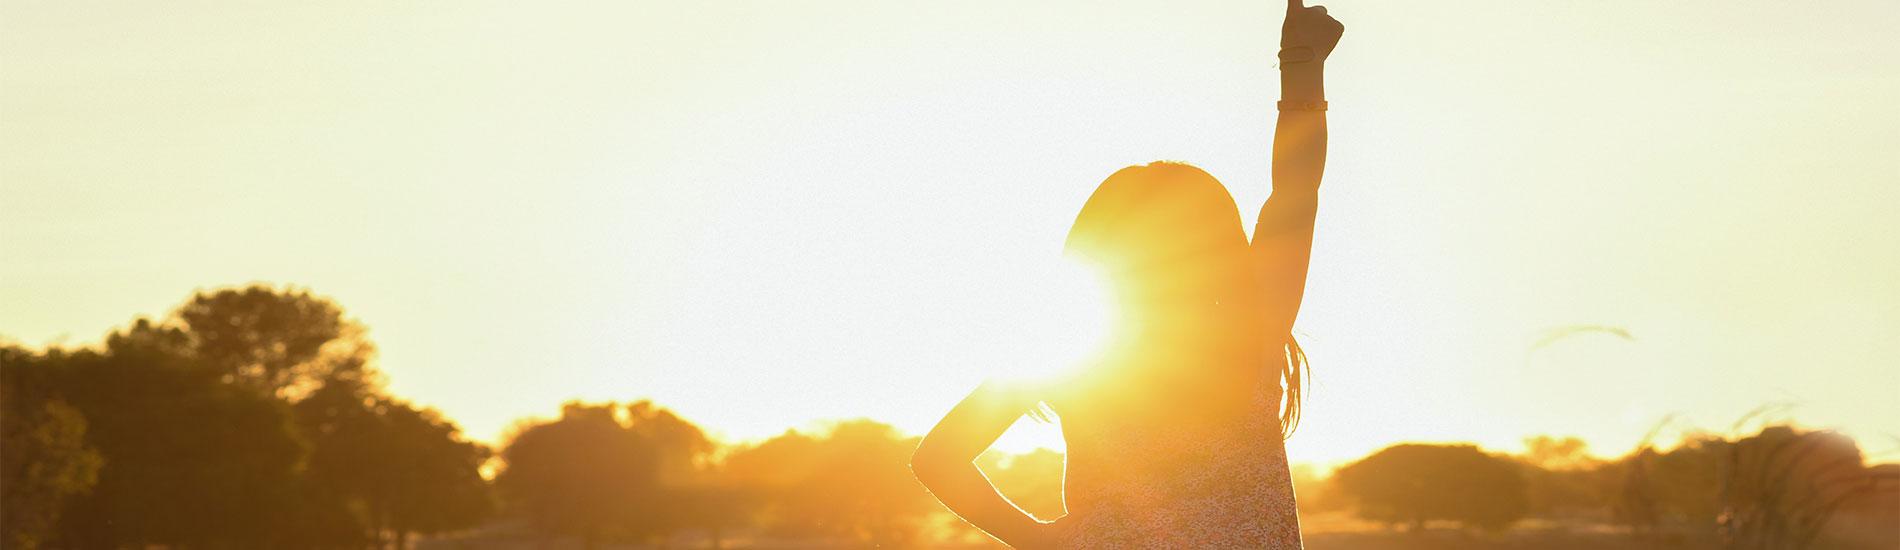 Ήλιος VS κορωνοϊος